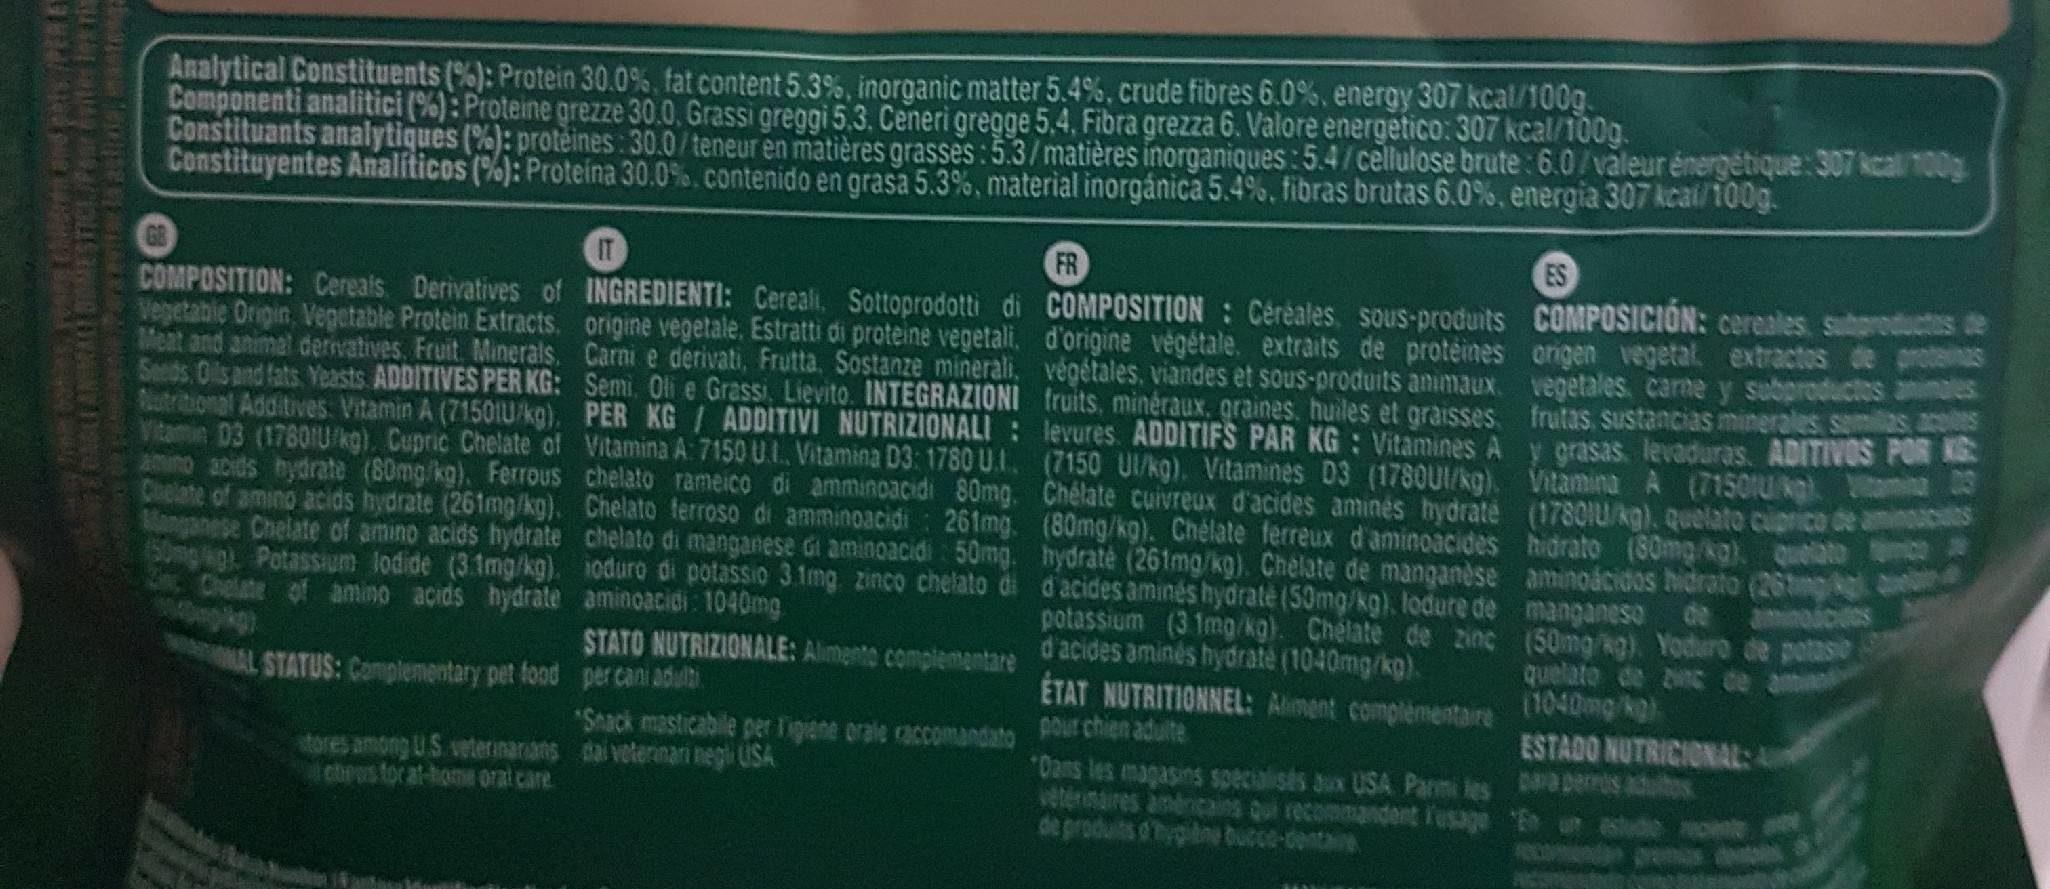 Greenies - Bâtonnets à Mâcher Pour L'hygiène Dentaire Pour Mini Chien - X43 - Nutrition facts - fr